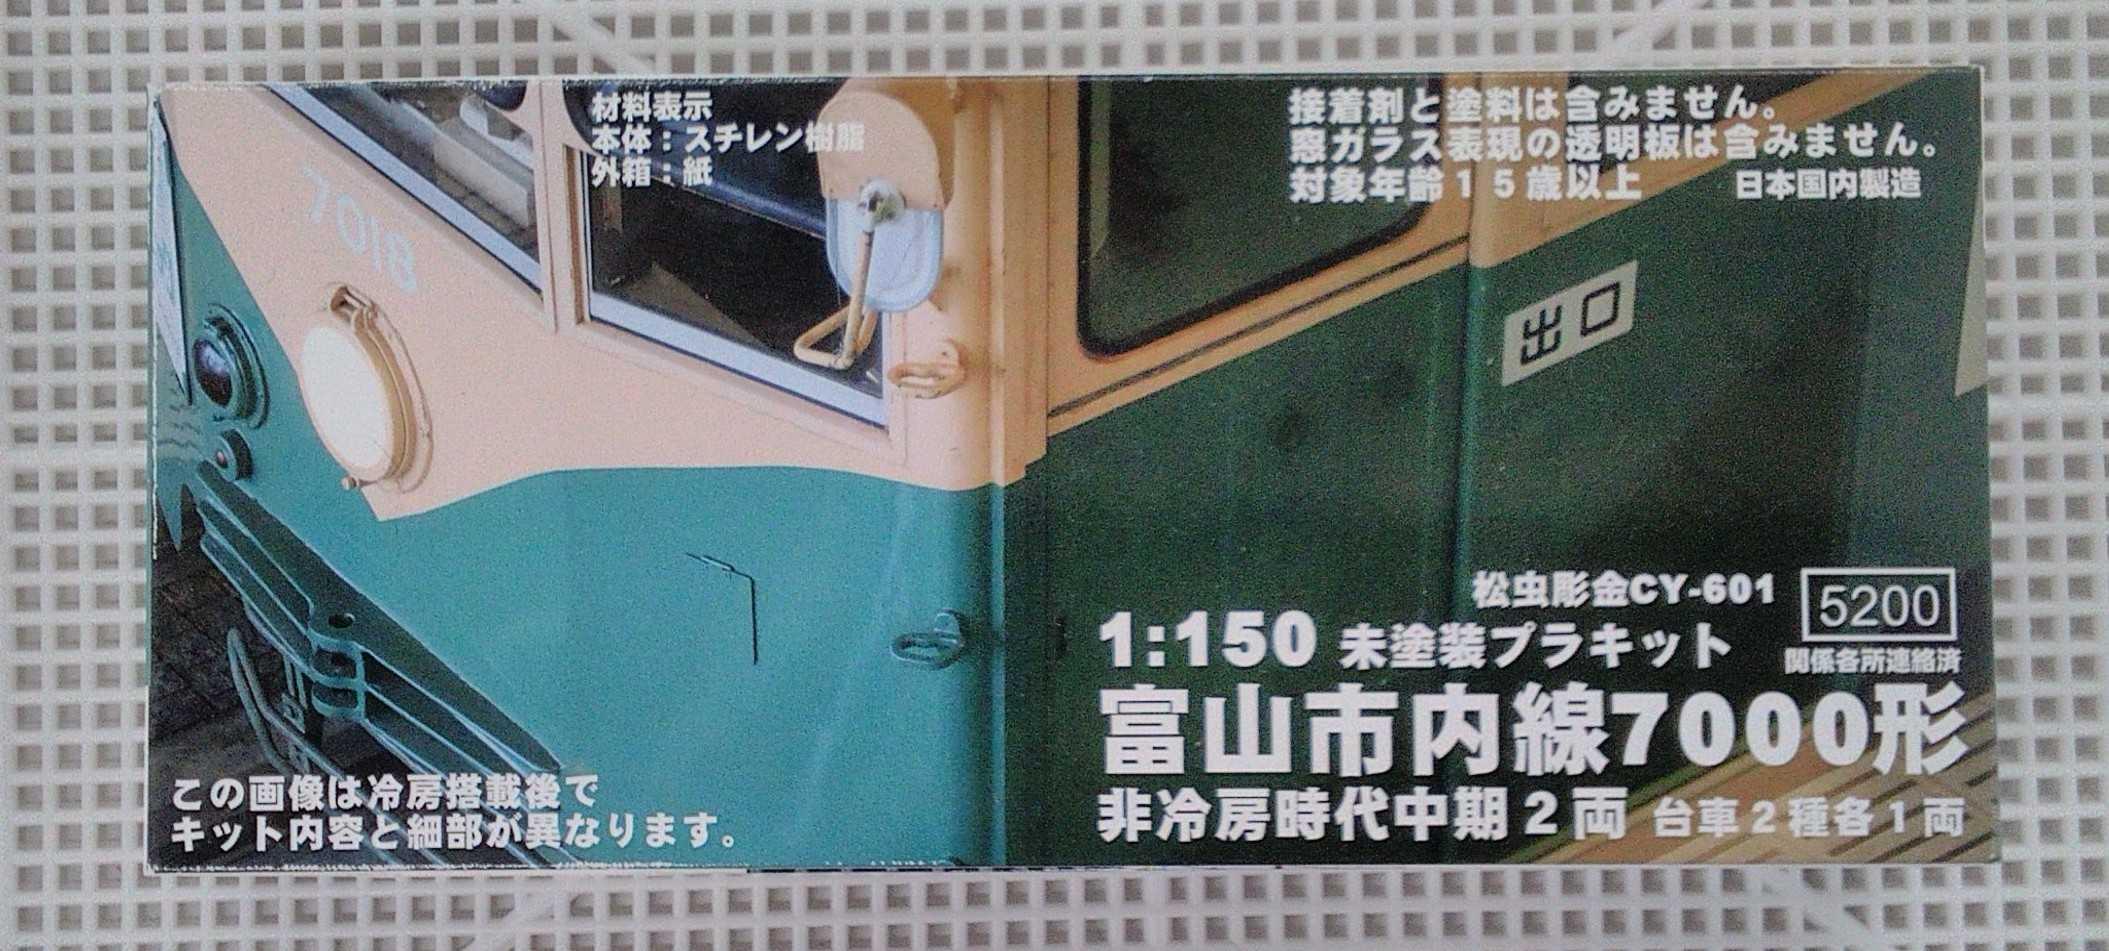 1/150 未塗装プラキット 富山市内線7000形|モデルアイコン